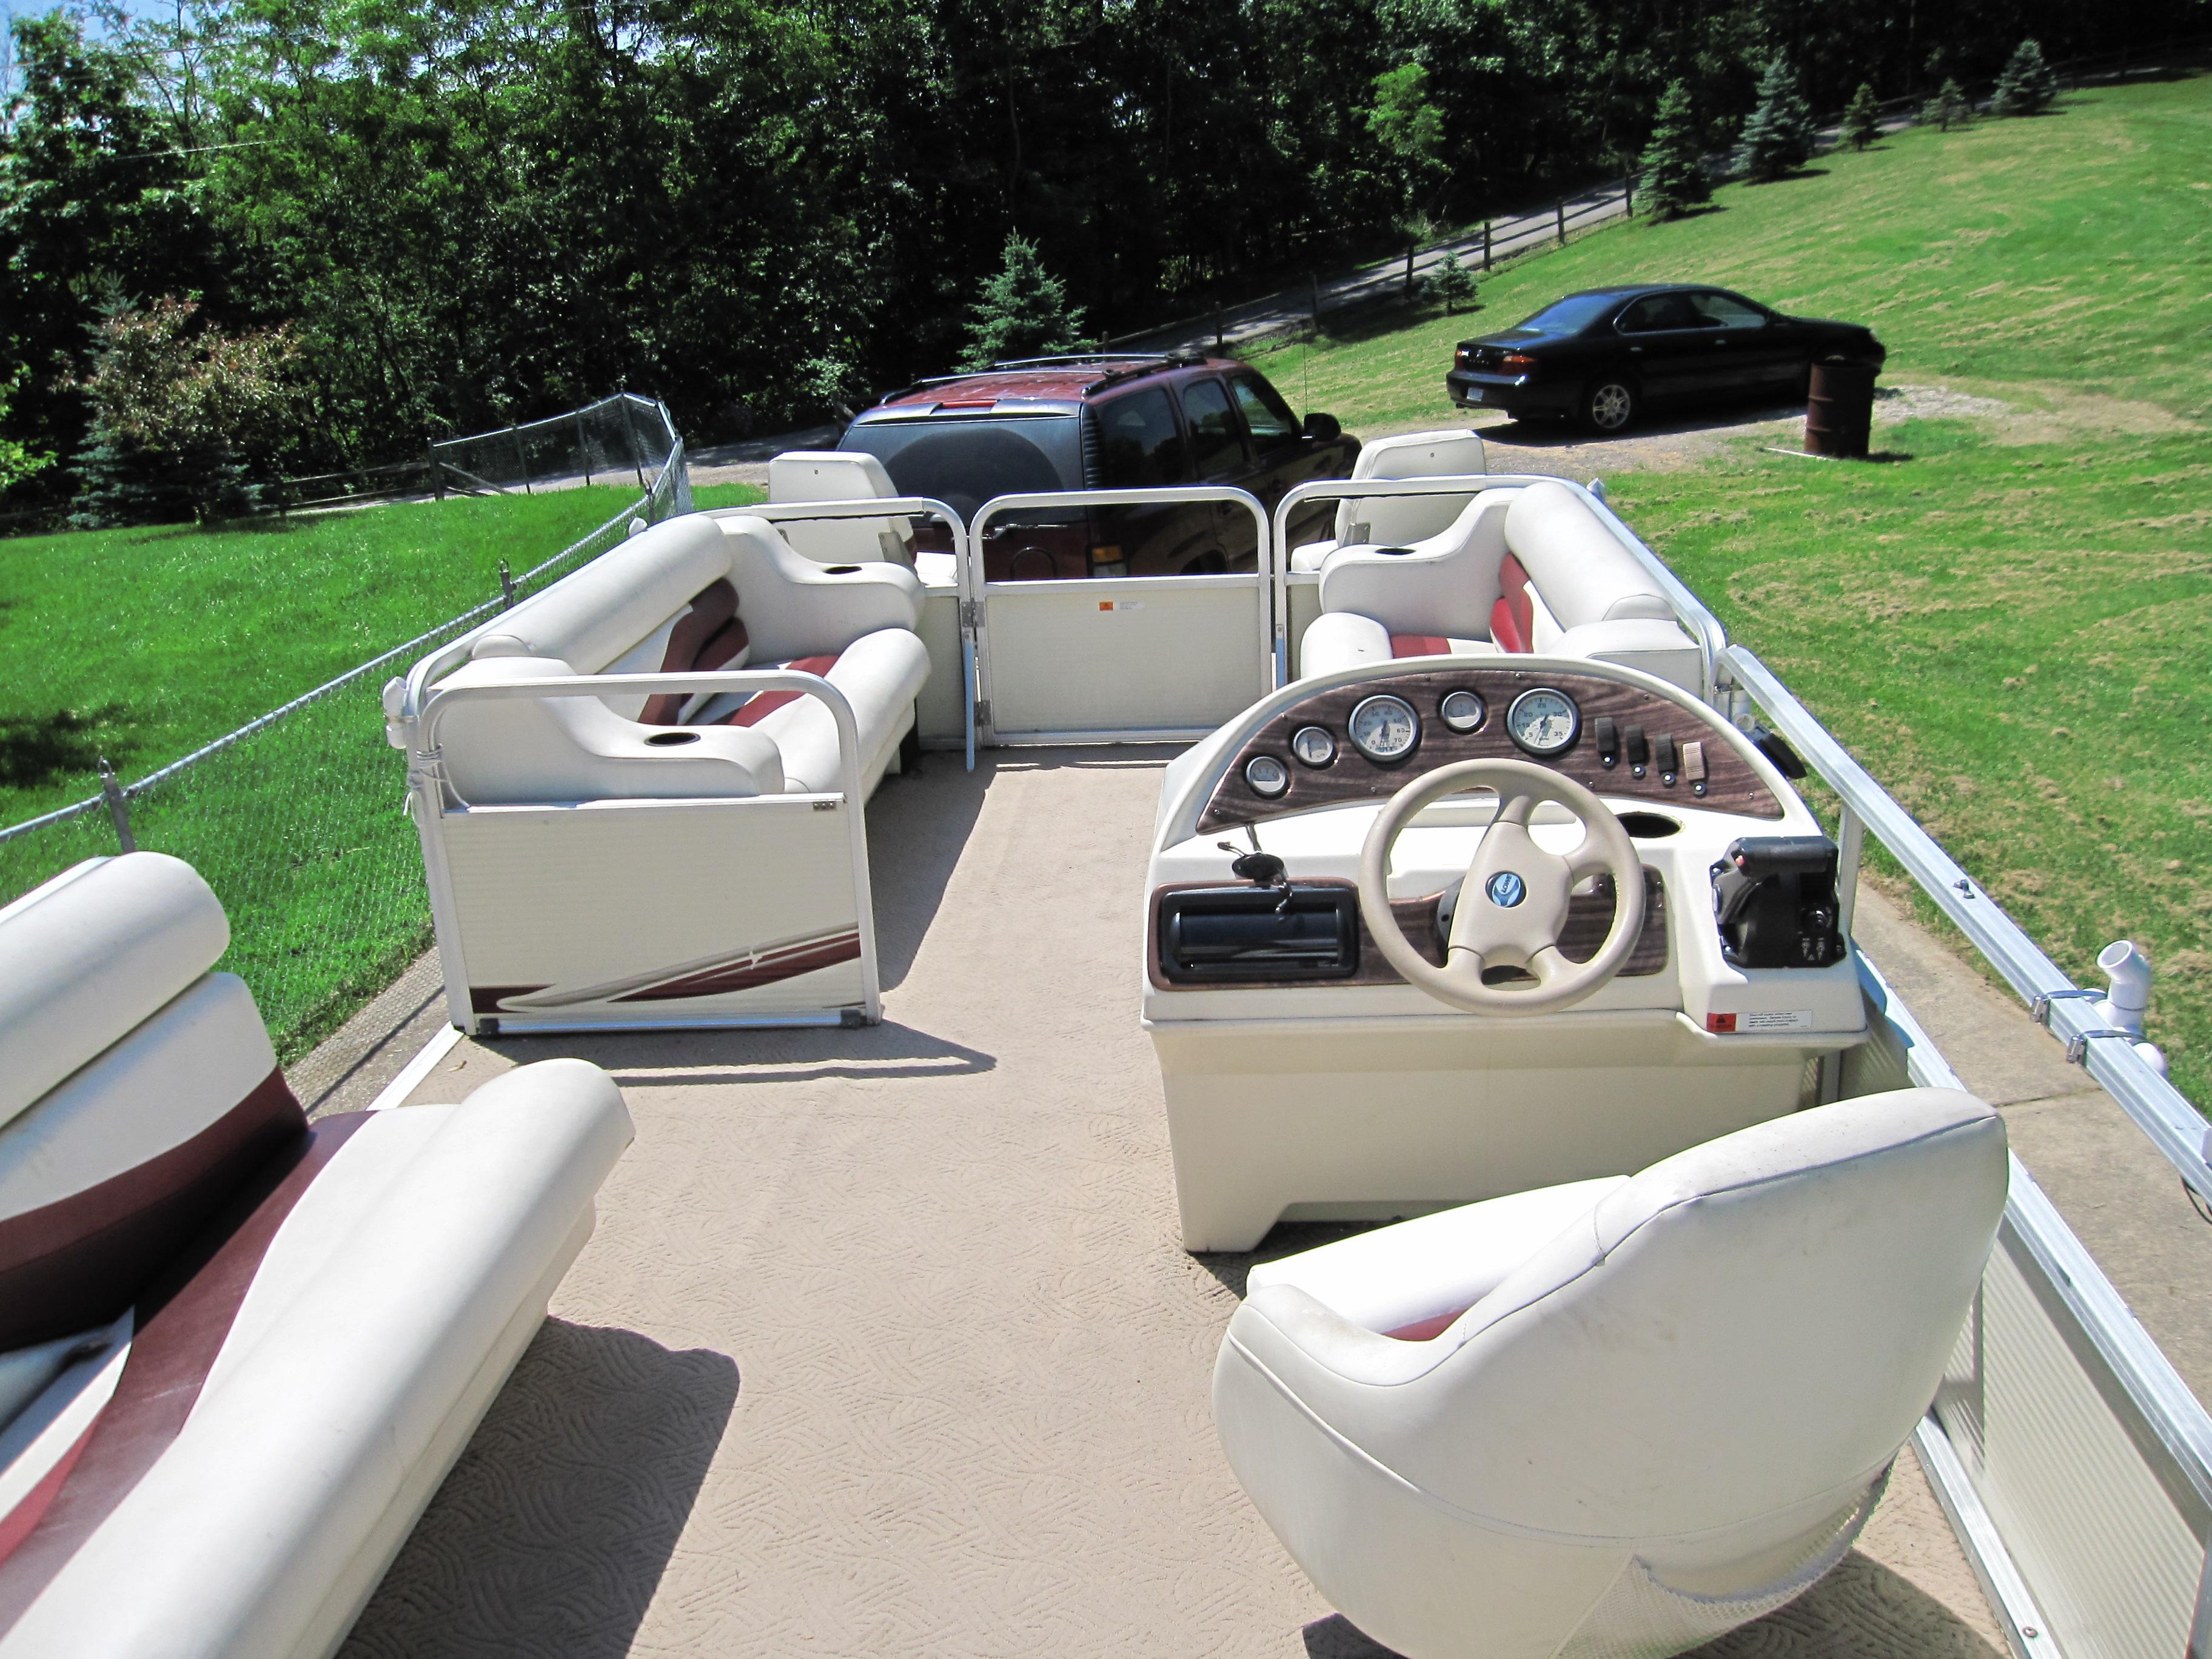 Kelley Blue Book Value For Pontoon Boats Images